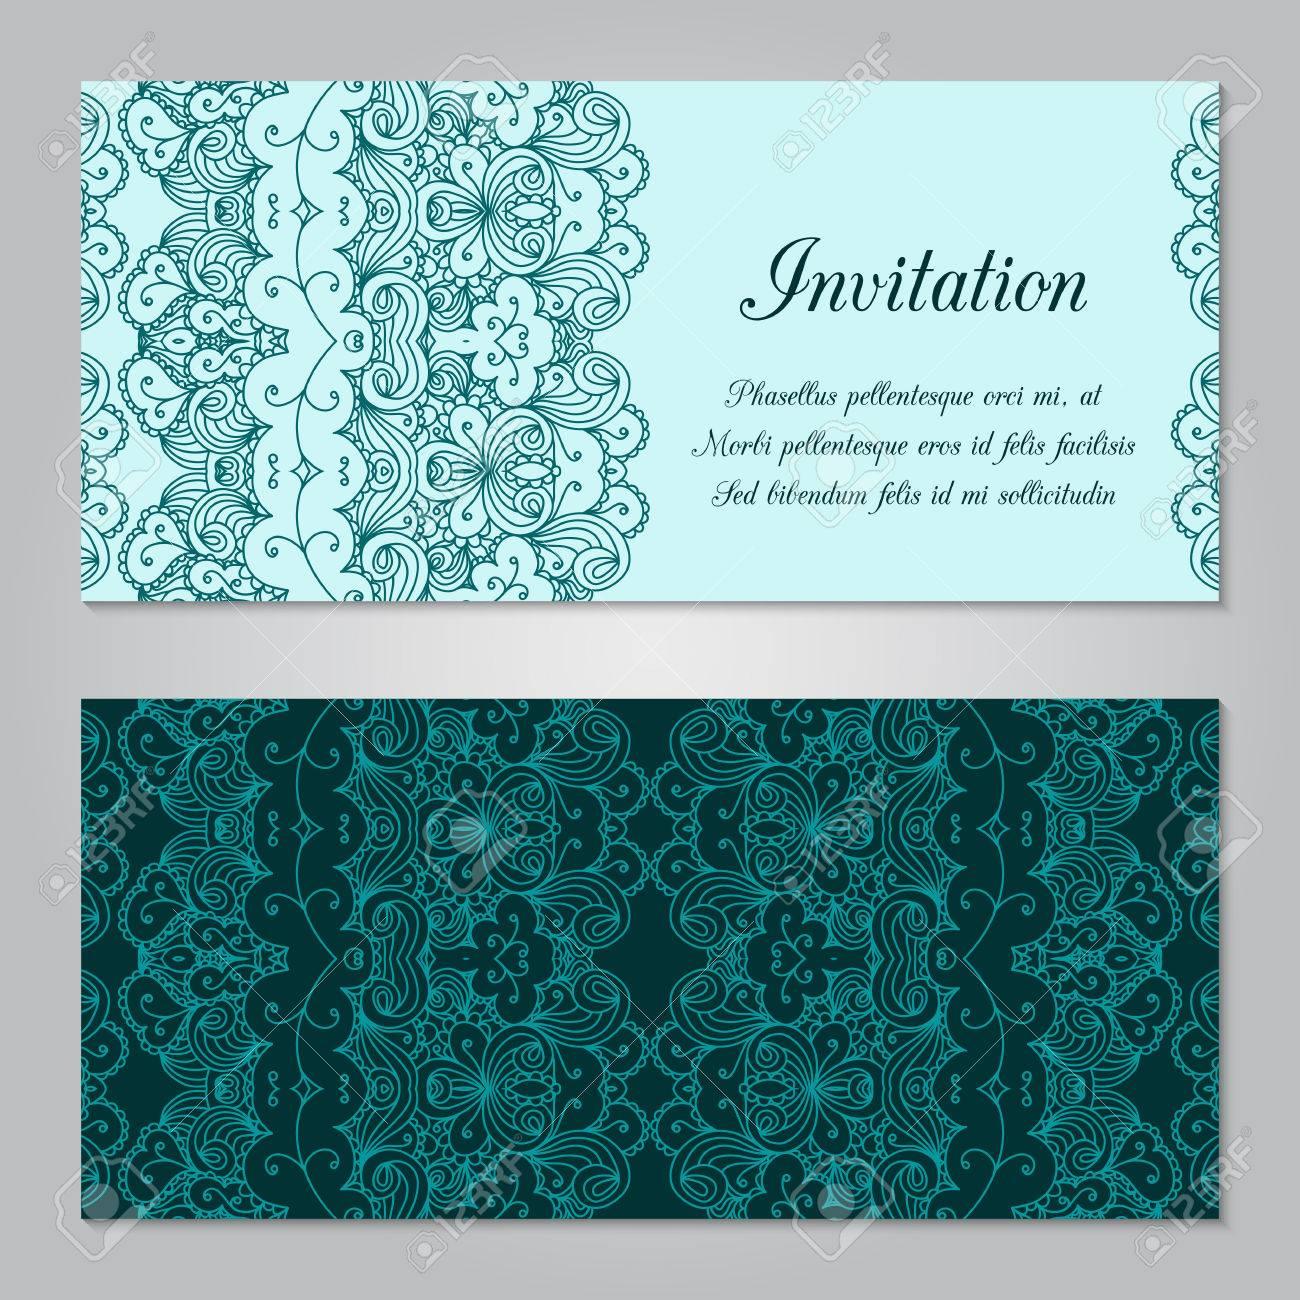 vintage-einladung mit spitze dekoration ornament. template schmuck, Einladung